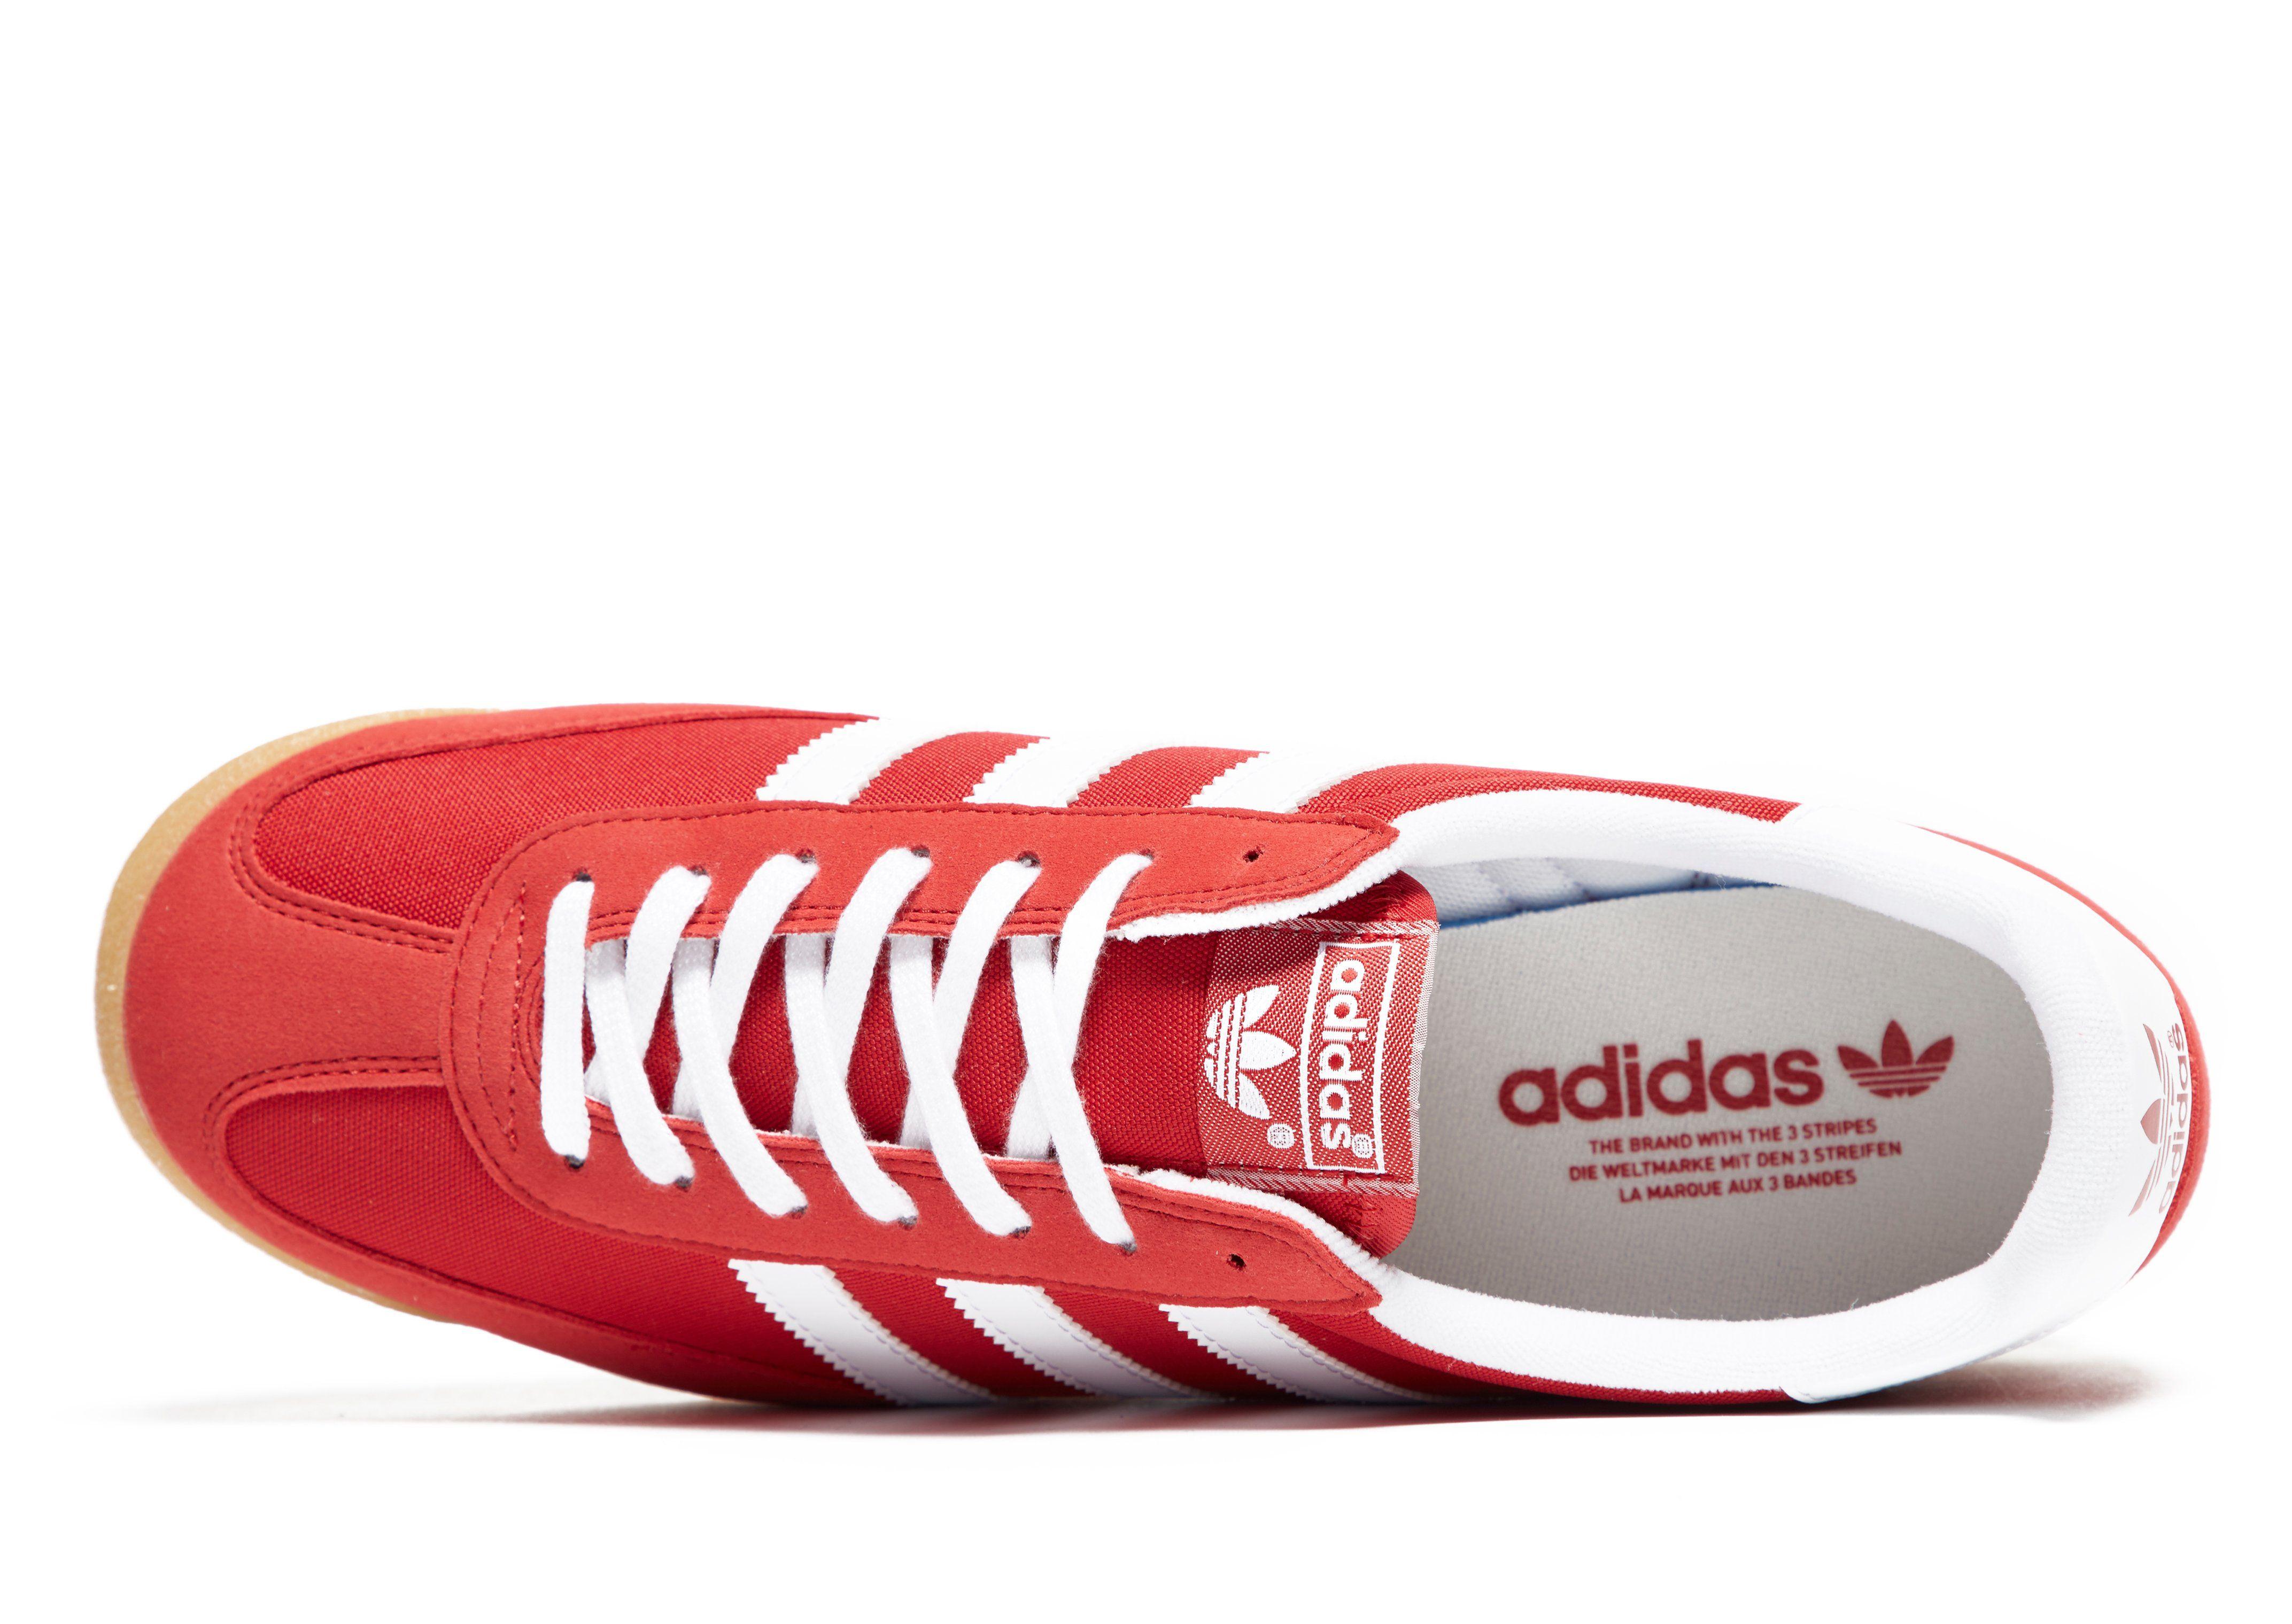 adidas Originals Dragon Rot Für Schöne Online Große Überraschung Günstig Online Billig Rabatt Verkauf 5Zs3BM4SFl